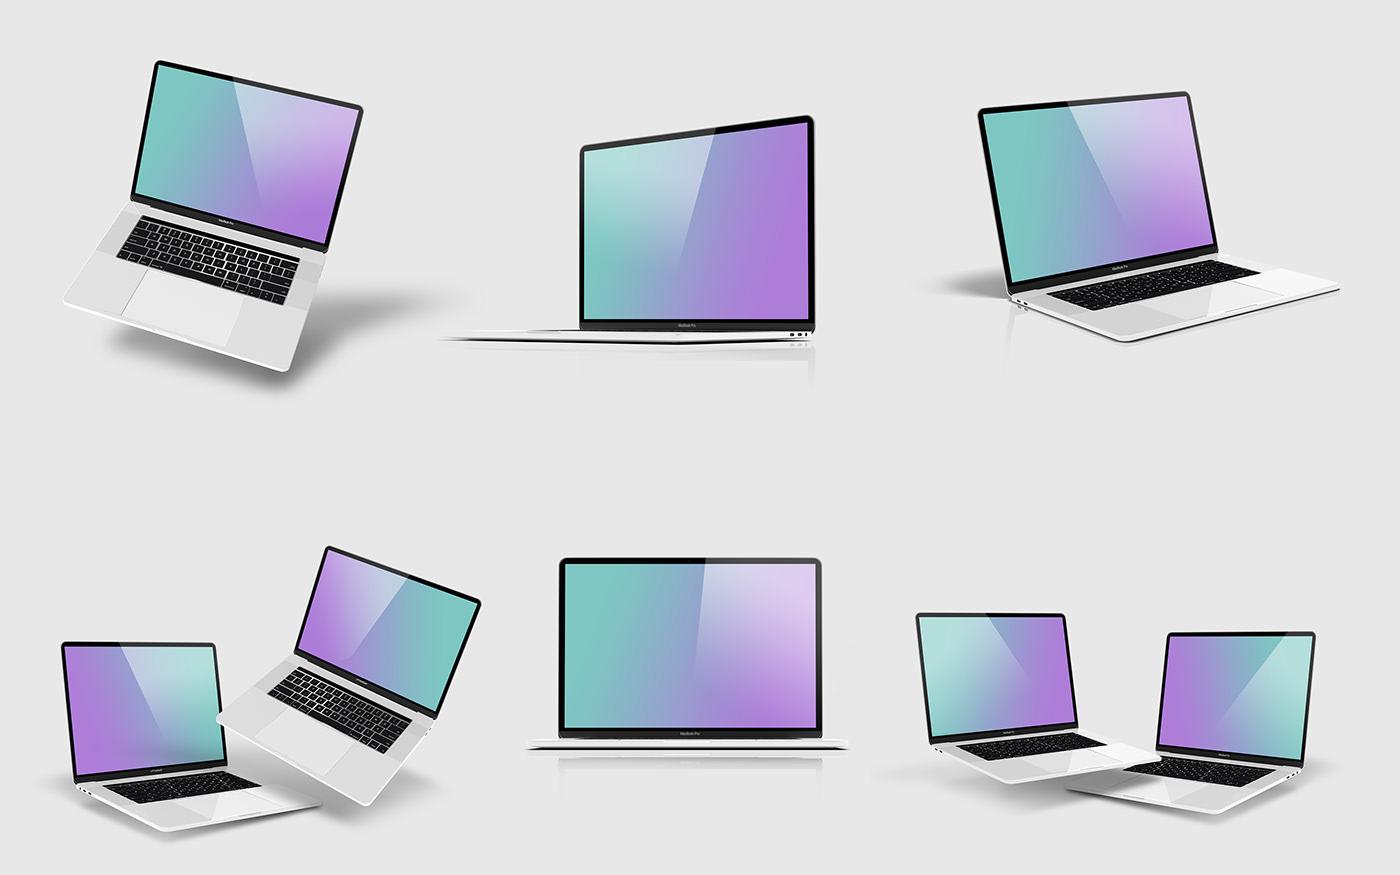 free macbook macbook pro apple freebie mockup freebie Mockup laptop mockup responsive mockup free display